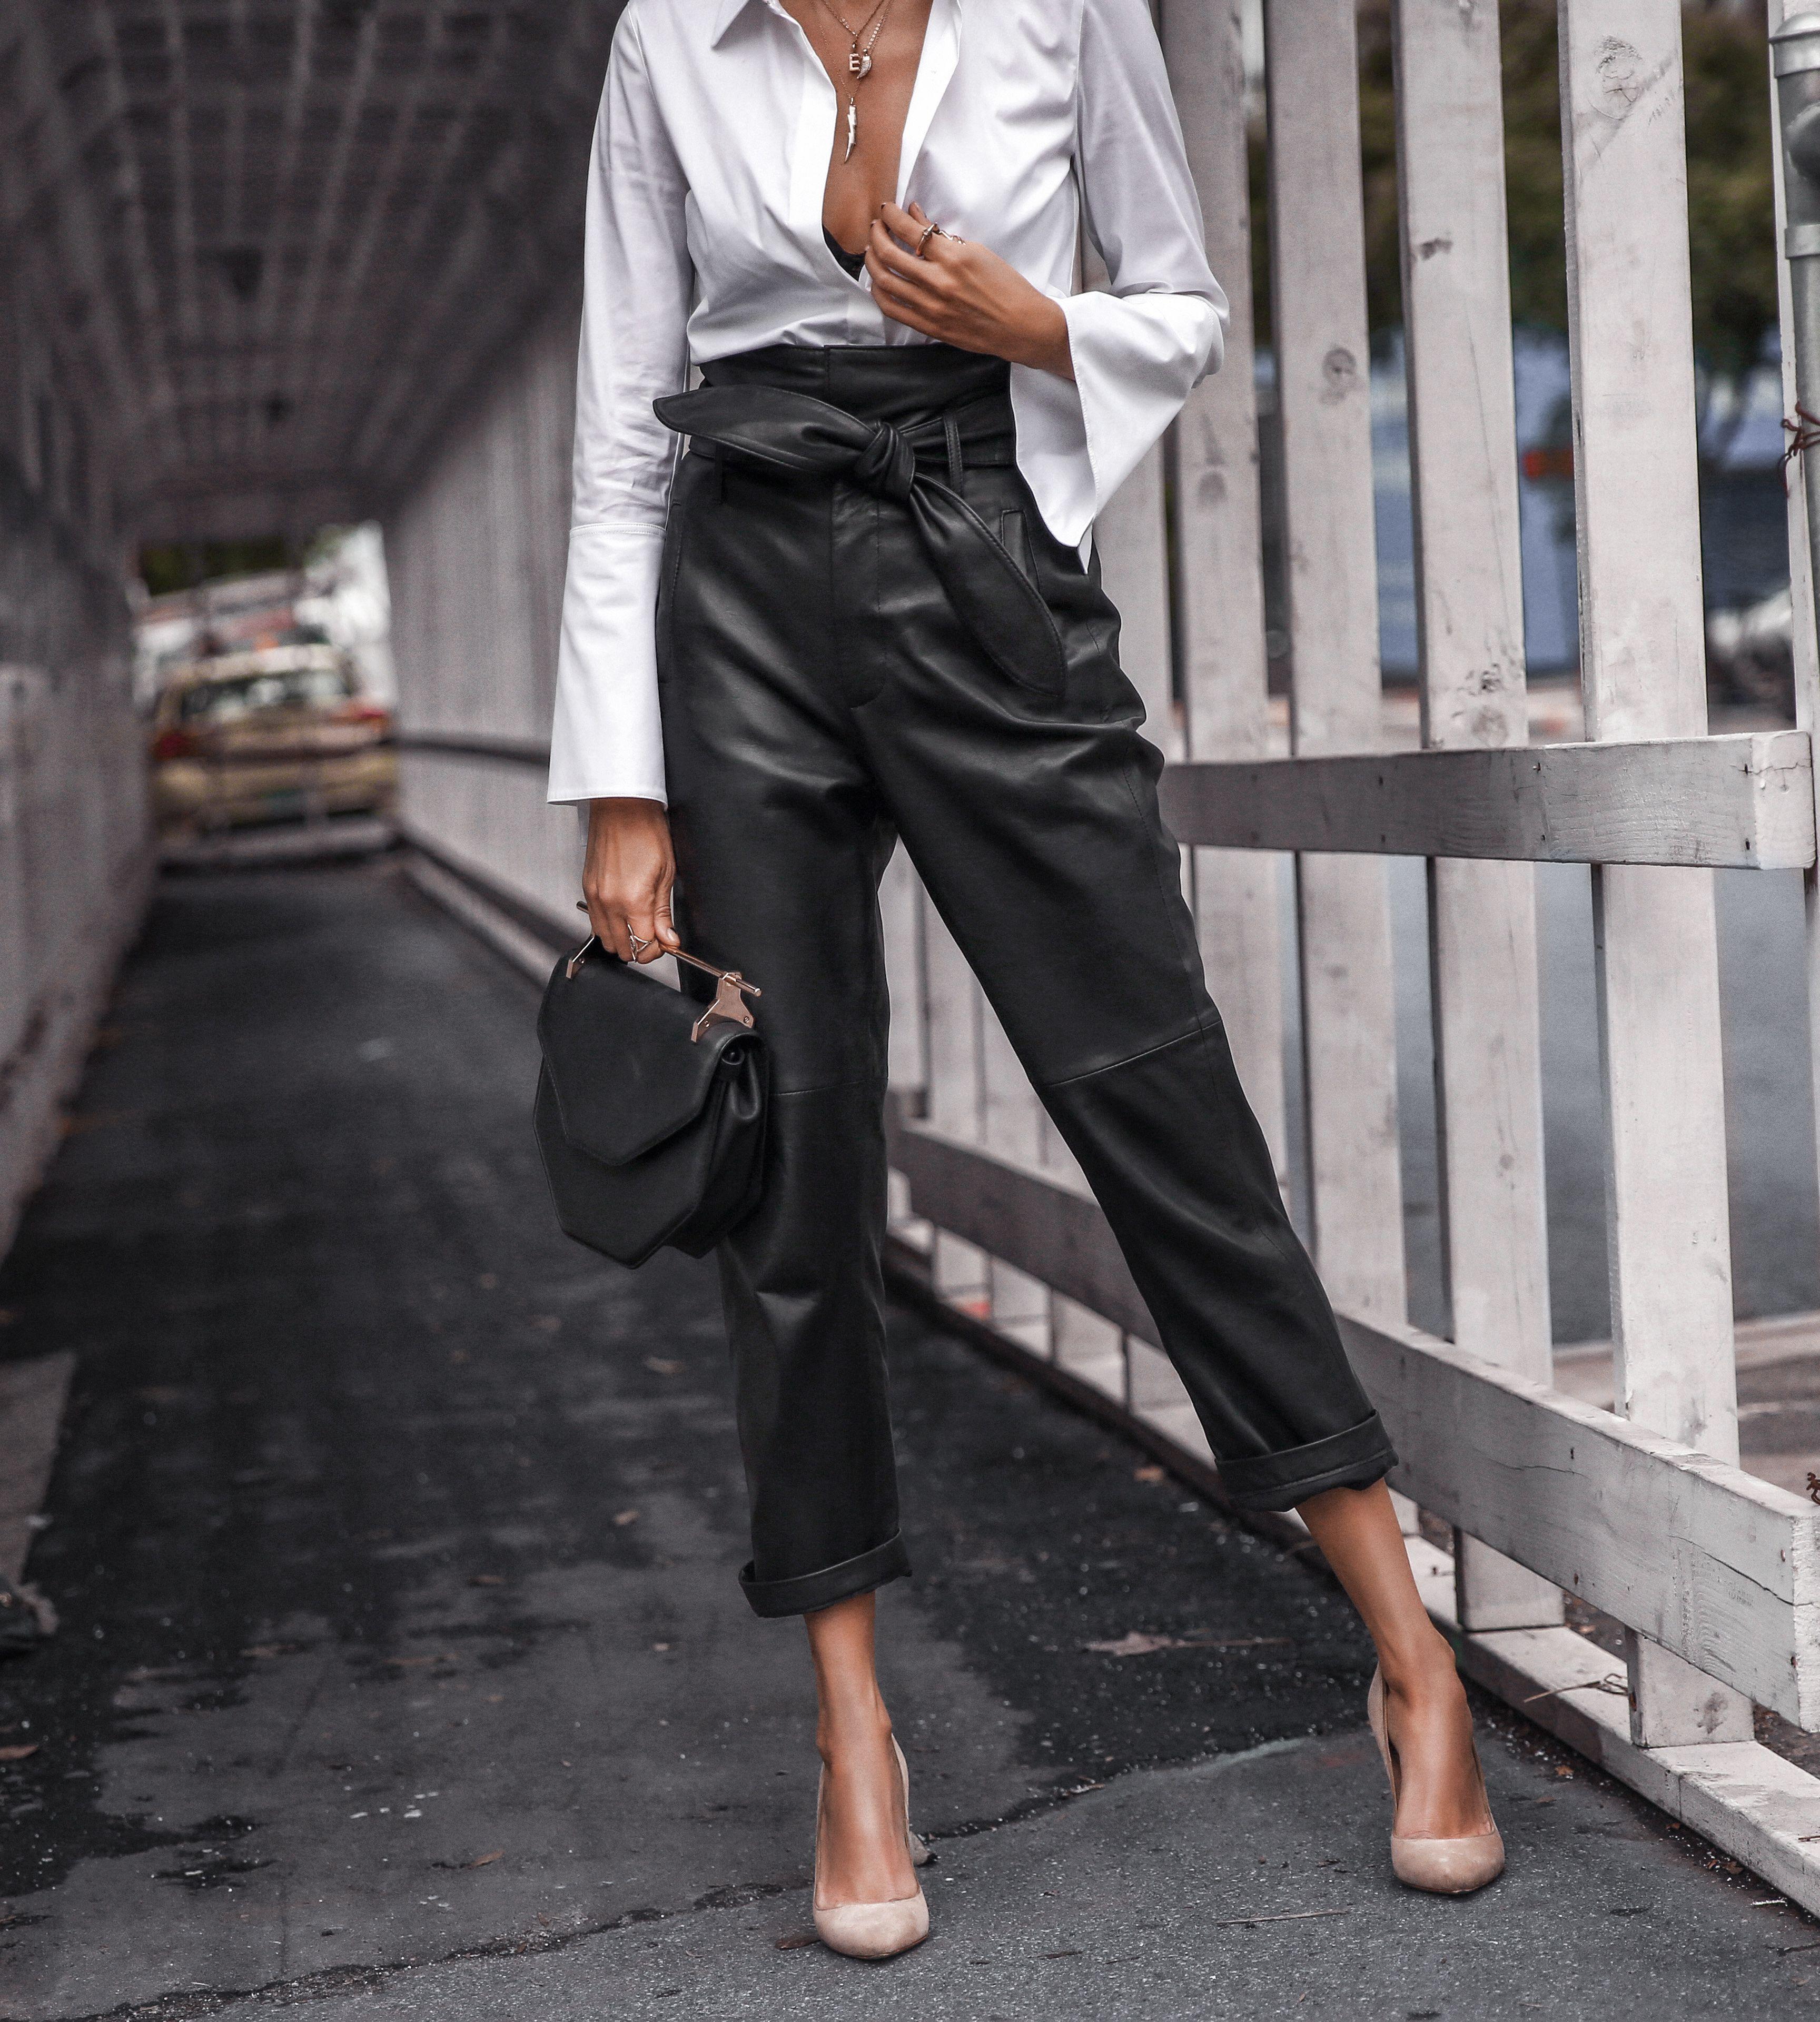 Relajado en cuero |  DE MODA  – Moda